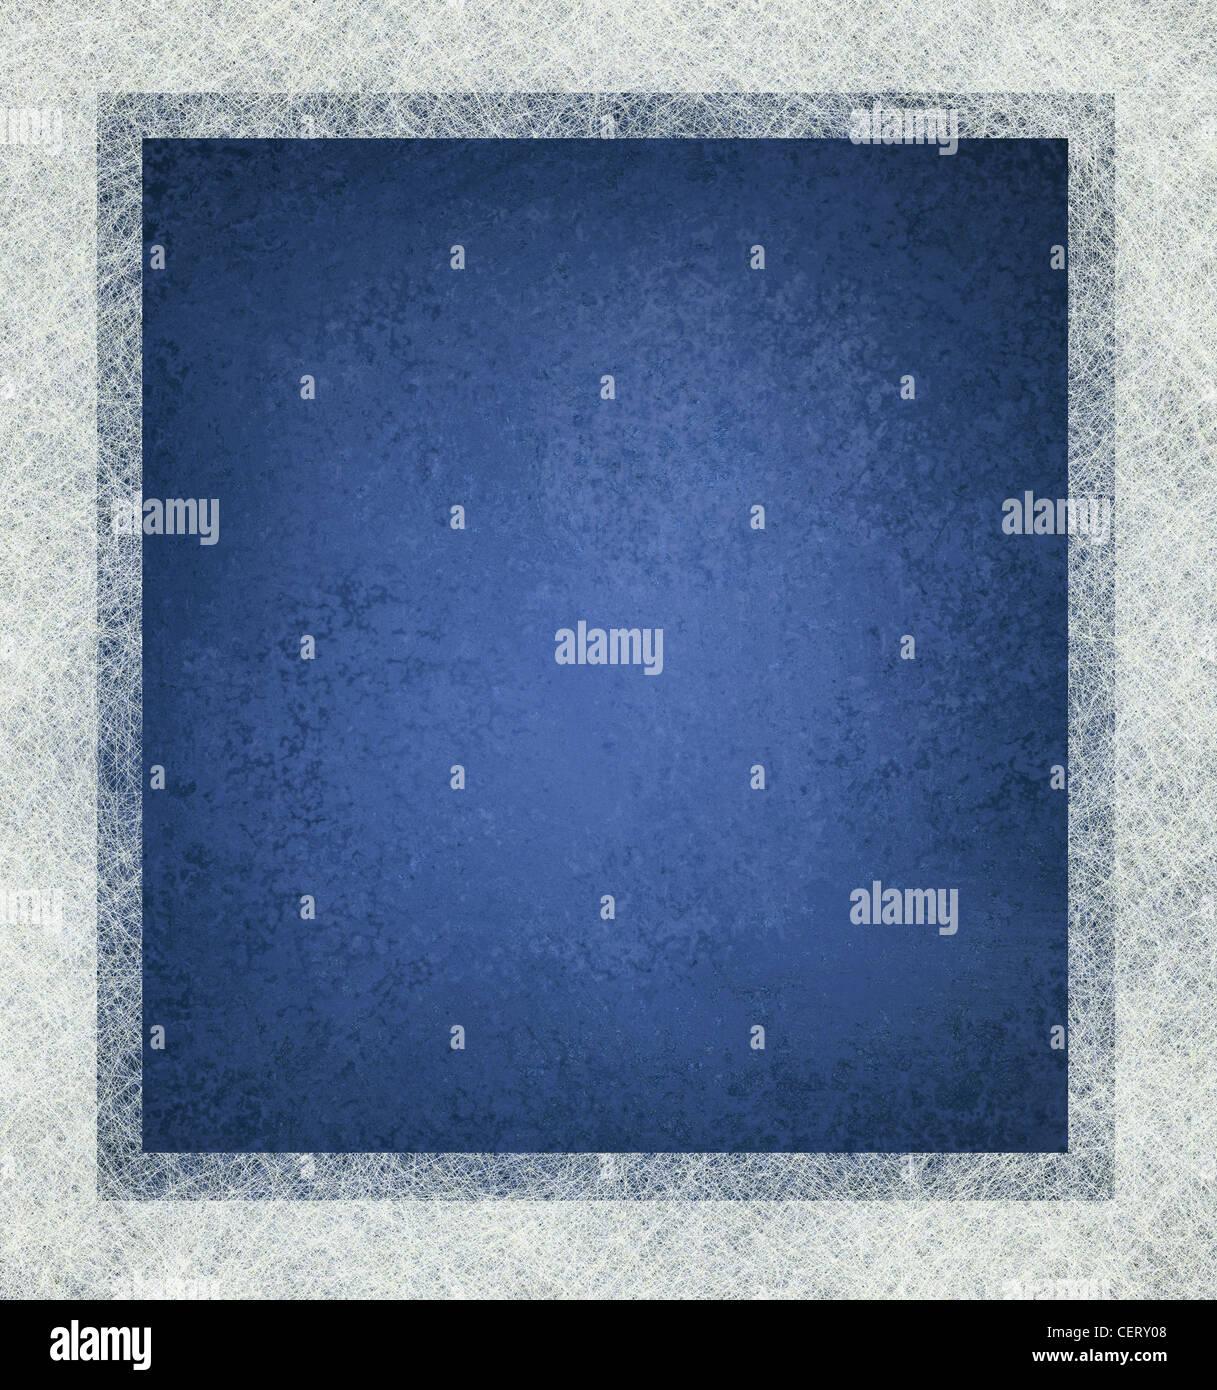 Blauer Hintergrund mit weißen Rahmen und viele Textur, blaue und weiße Layout Design Stockbild